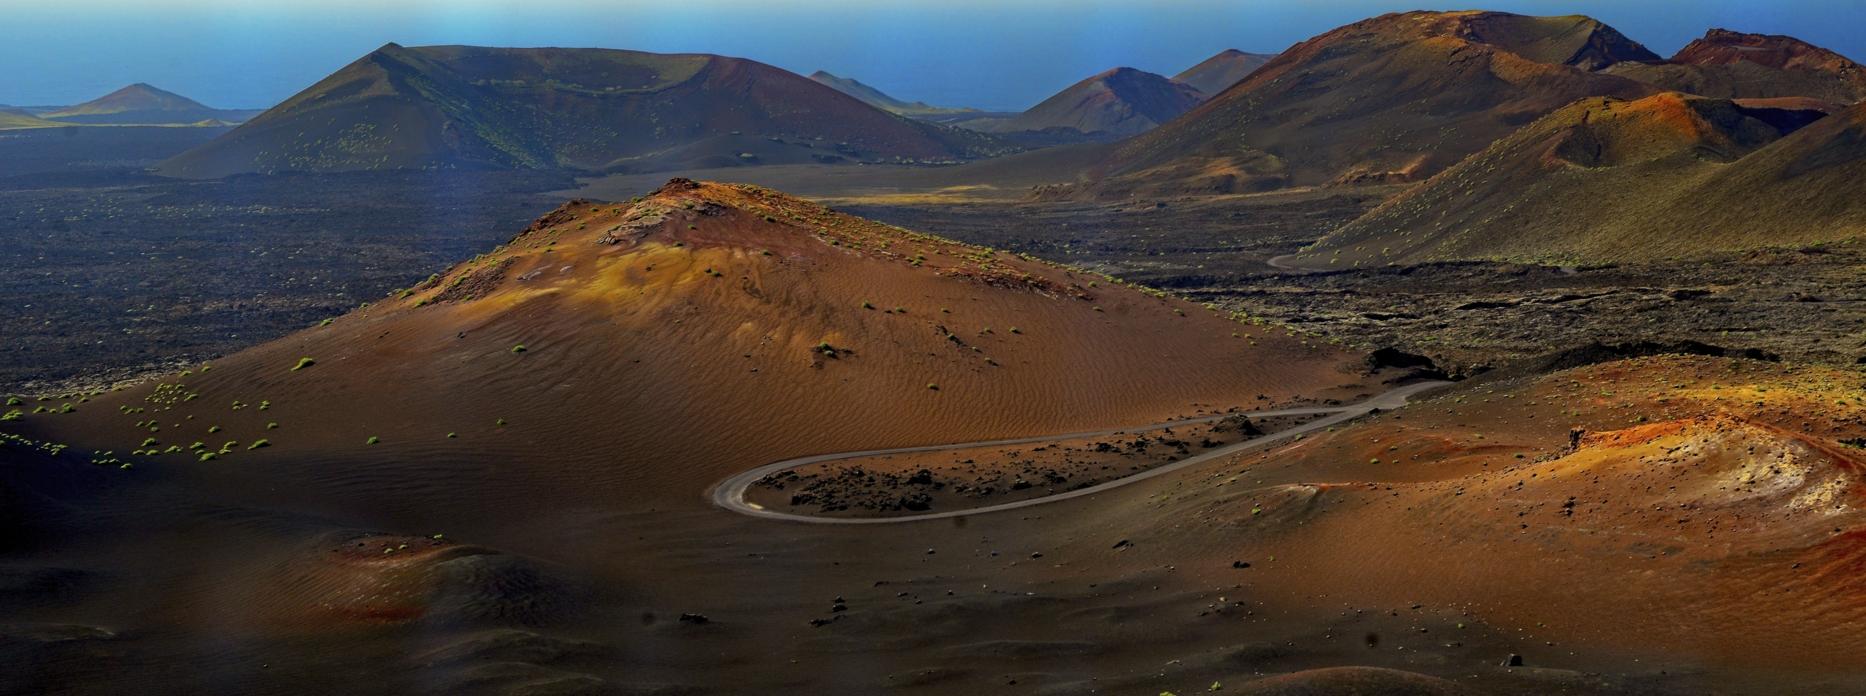 Los Volcanes Natural Park, Spain